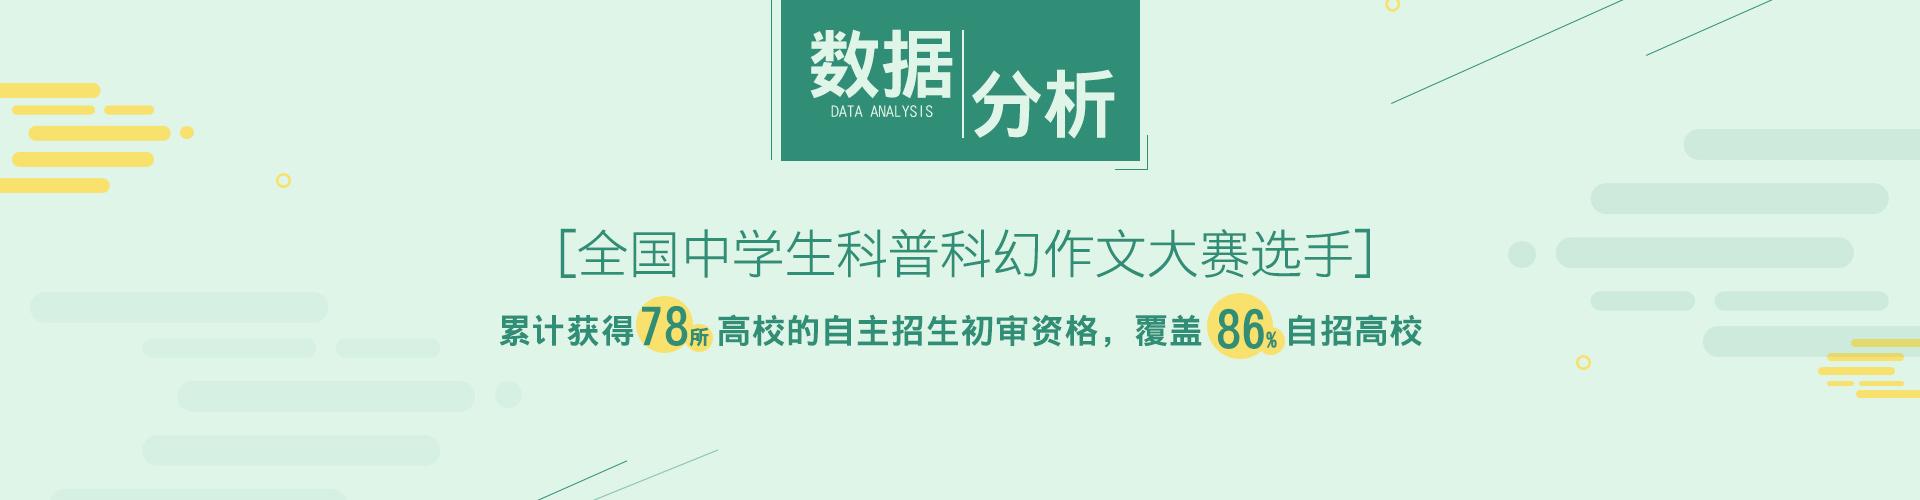 科普科幻作文大赛获82所高校认可